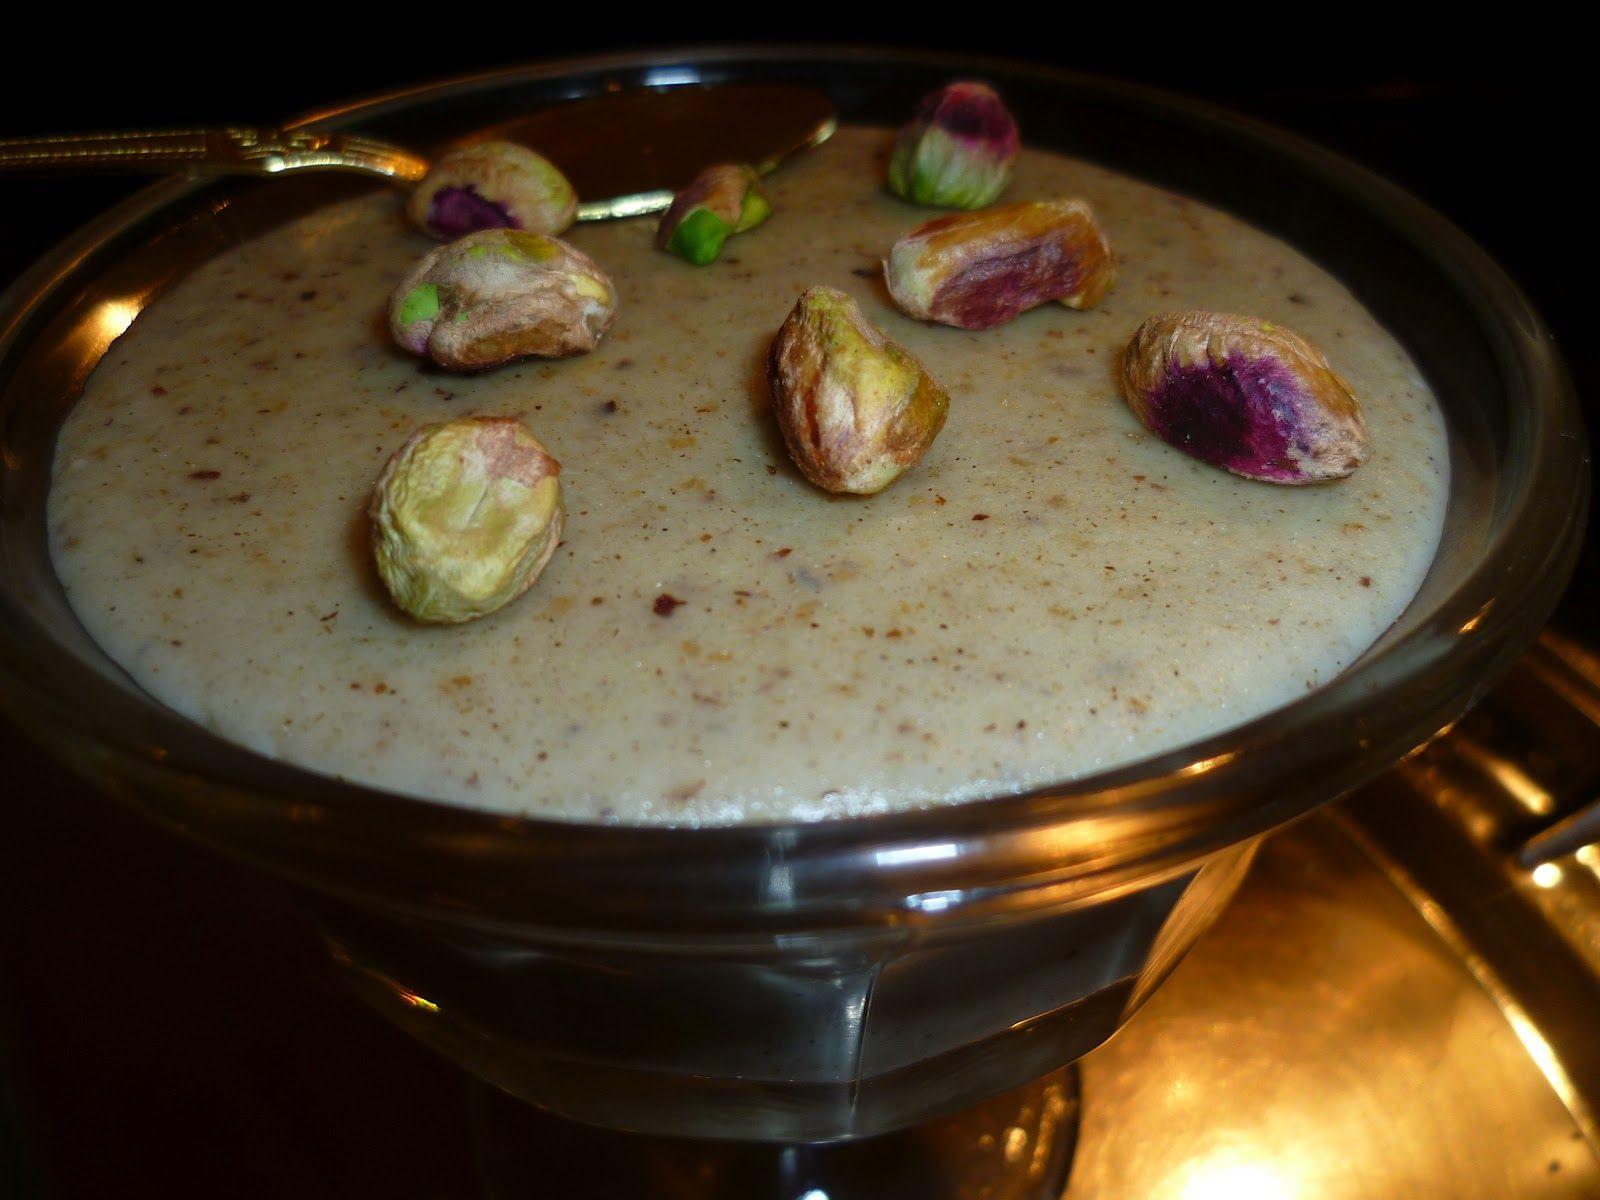 Recette droo cr me de sorgho de la cuisine tunisienne cuisine tunisienne pinterest - Cuisine tunisienne mloukhia ...